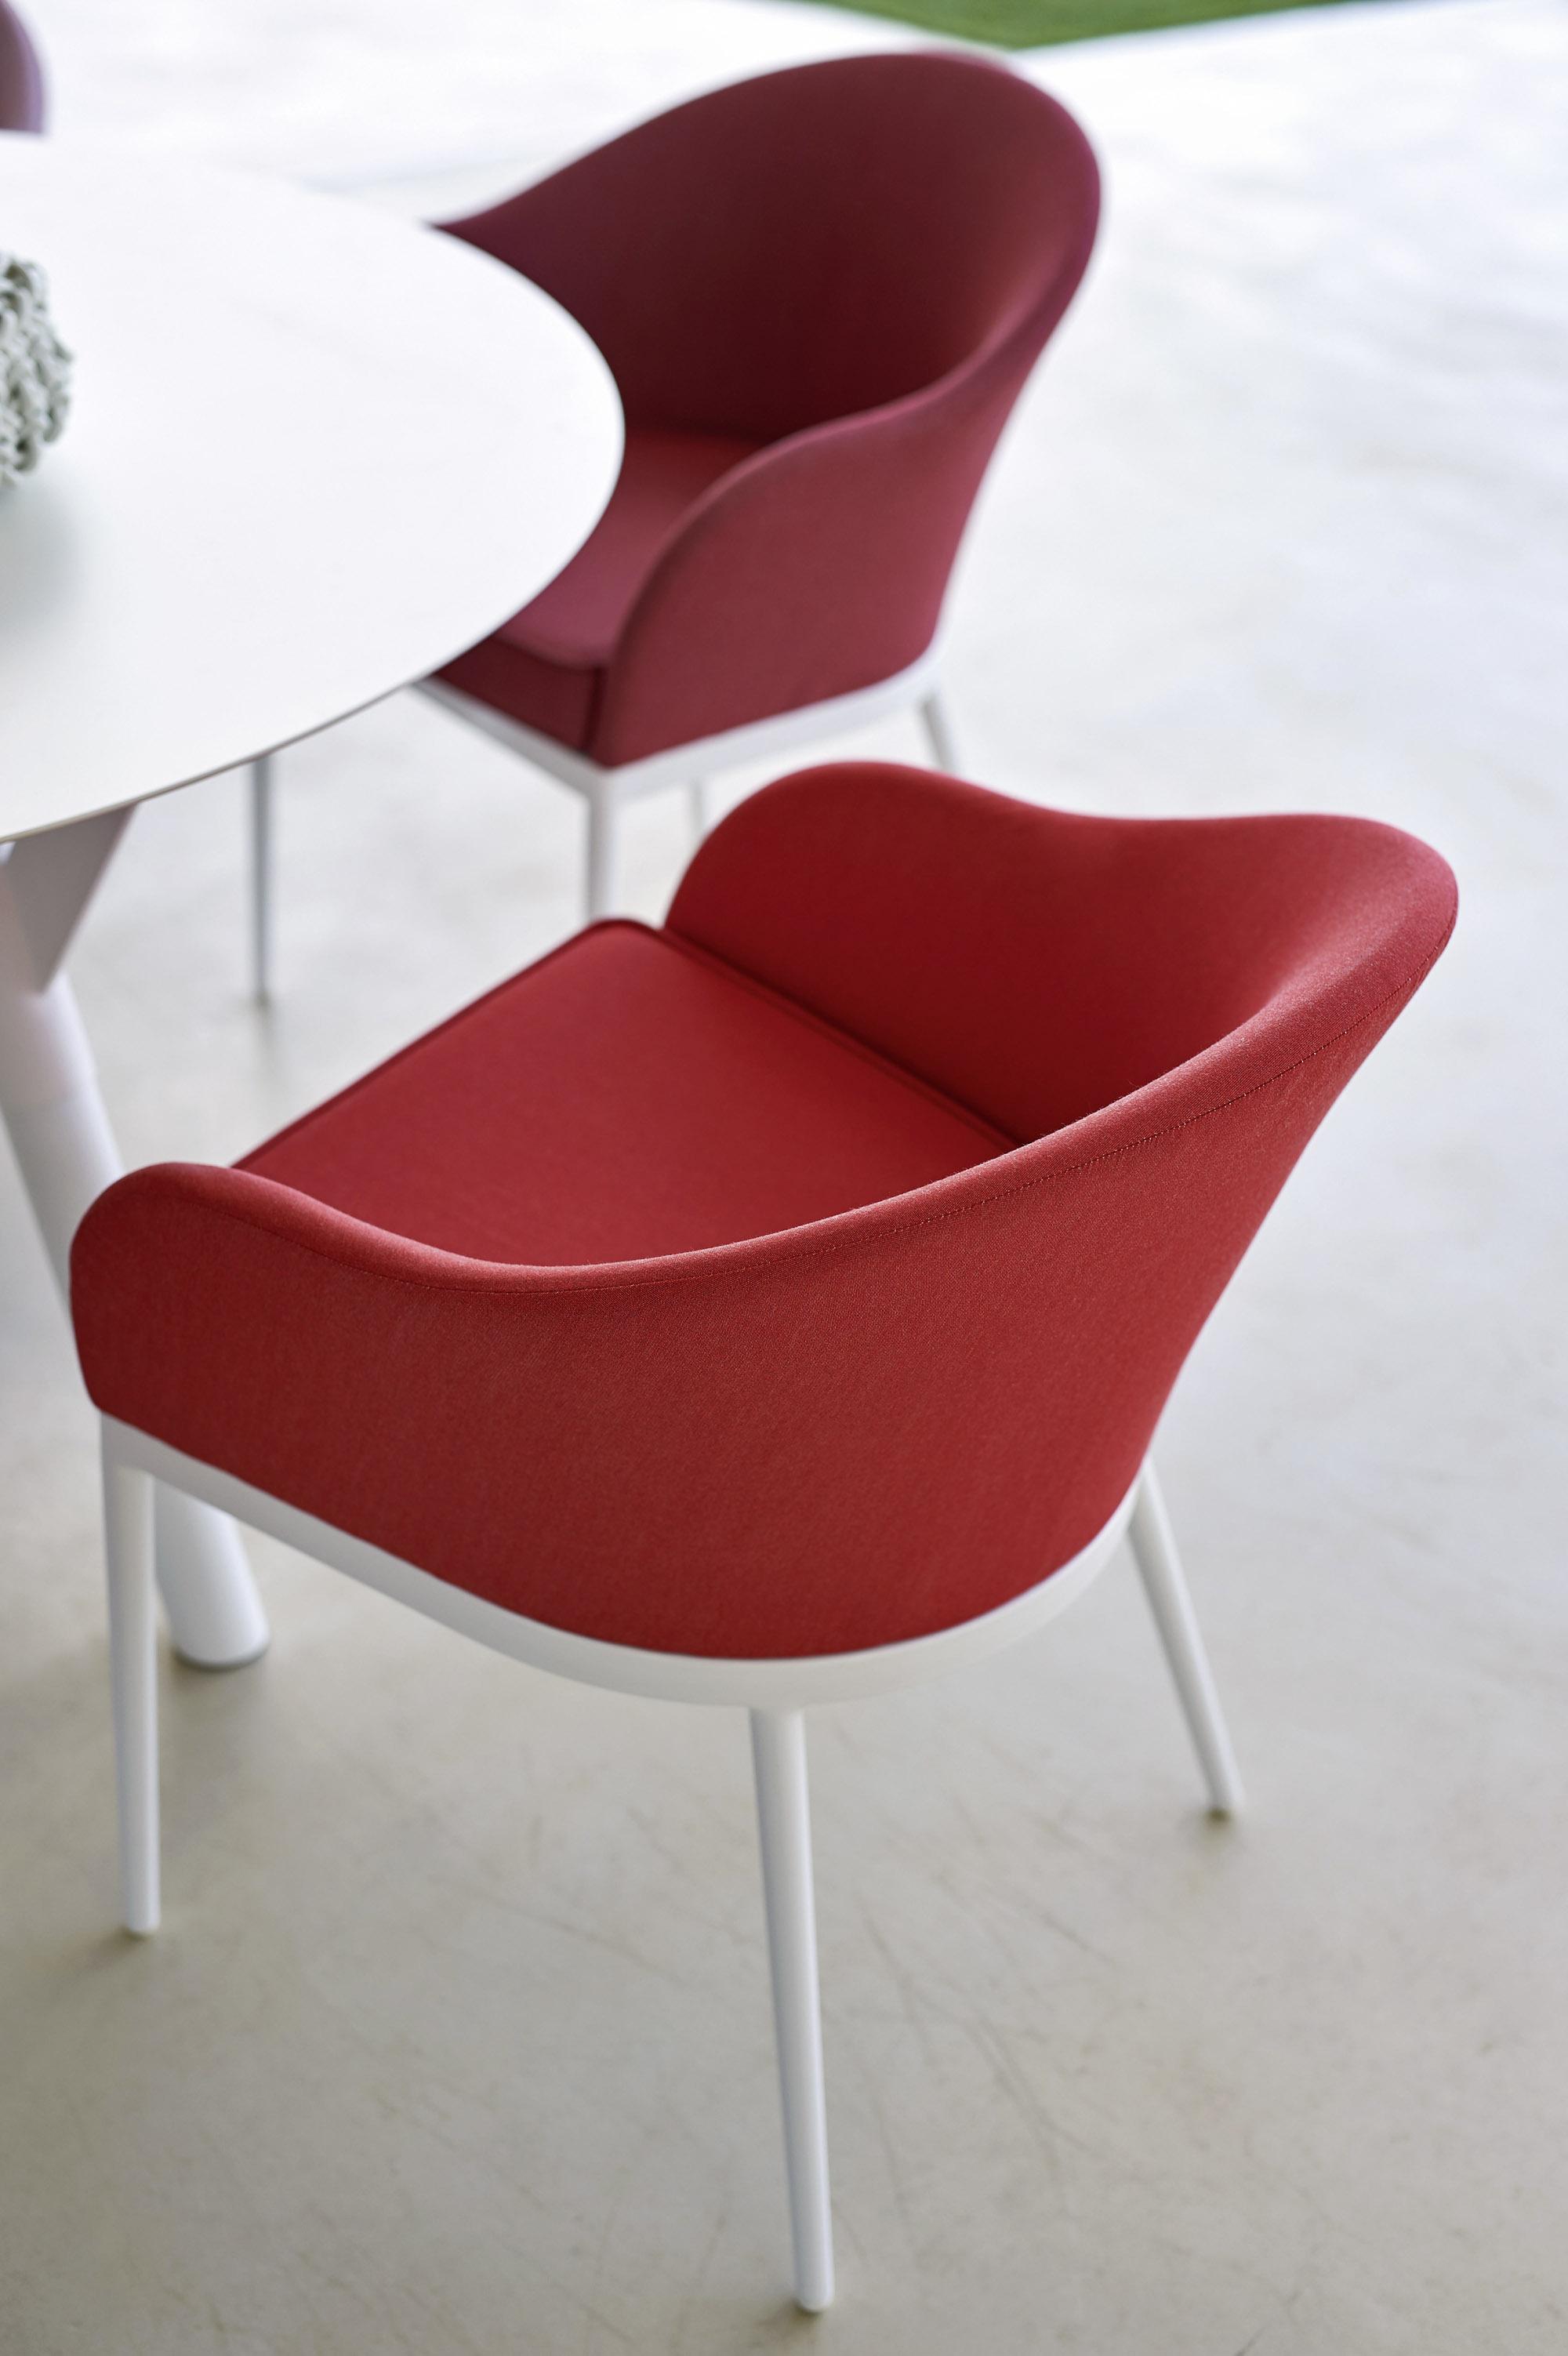 Arredo di design made in italy. arredamento interno e da esterno ...